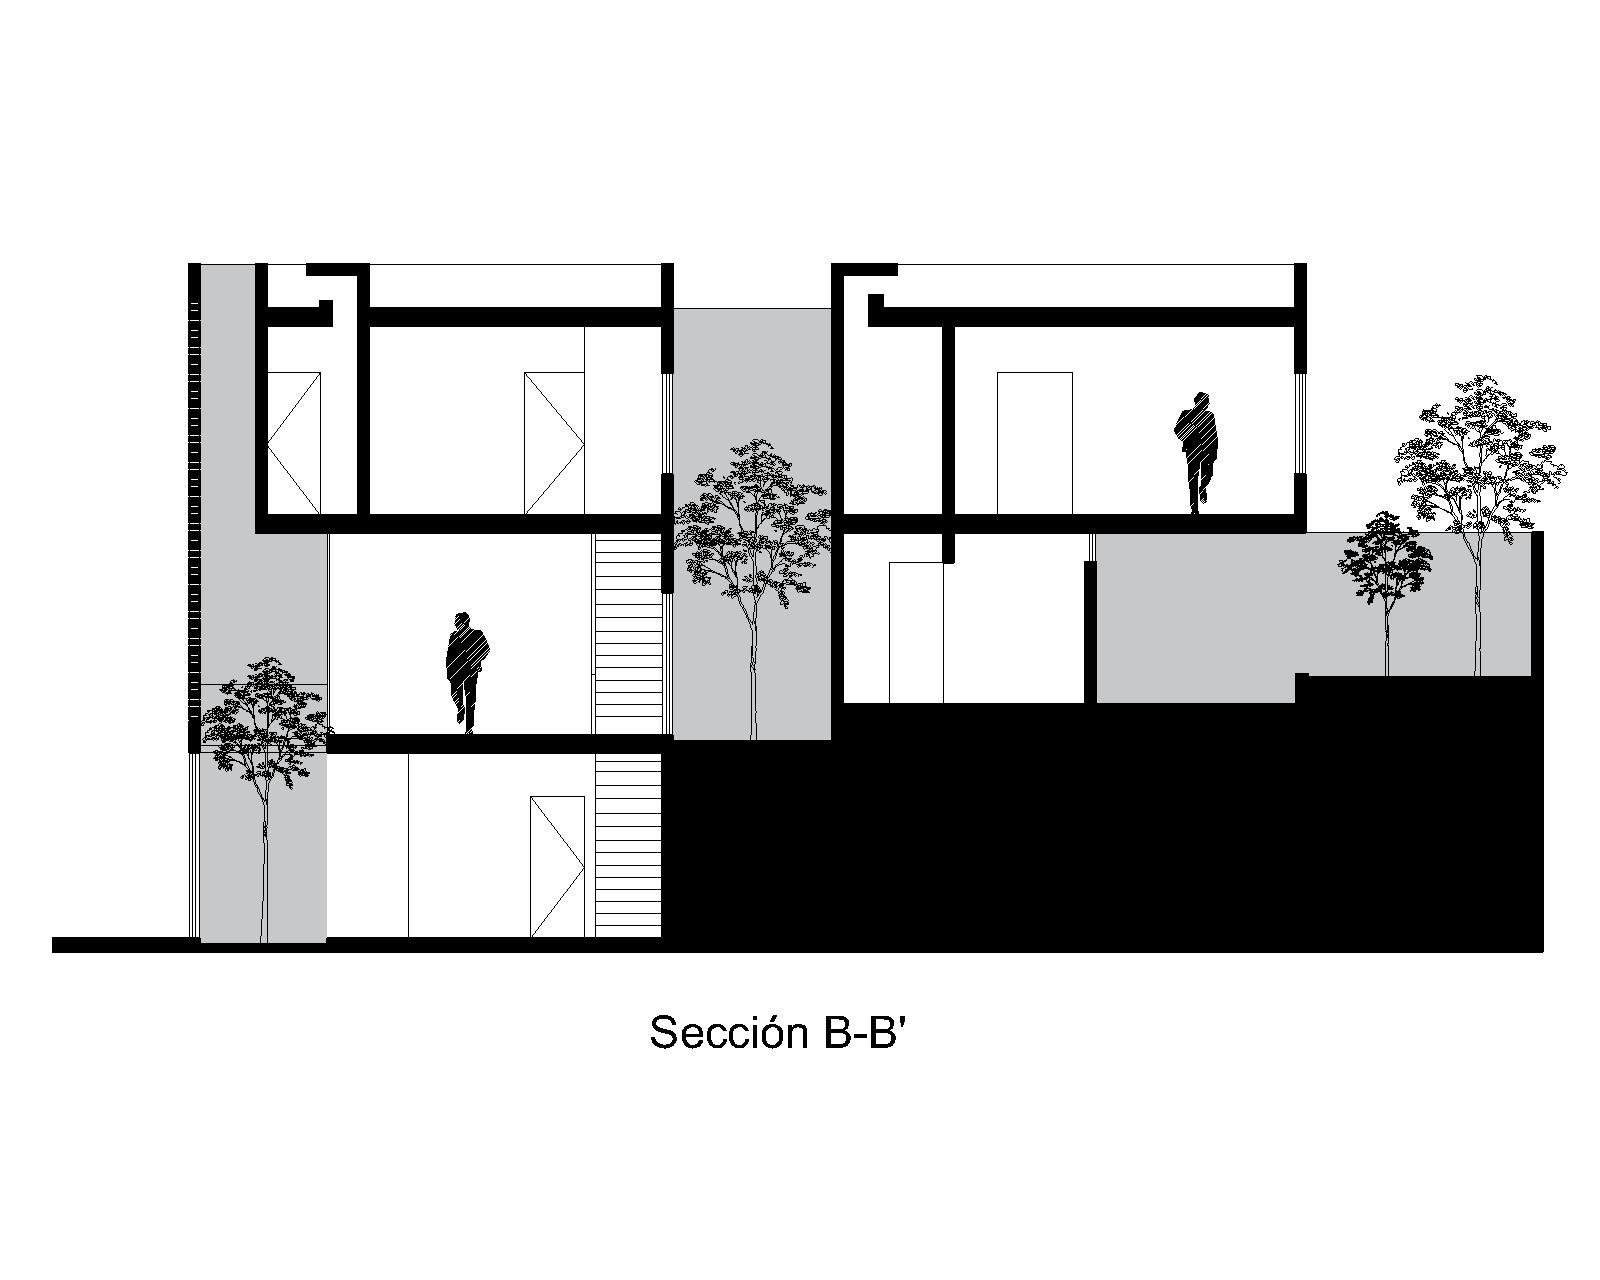 SECCIÓN B-B'